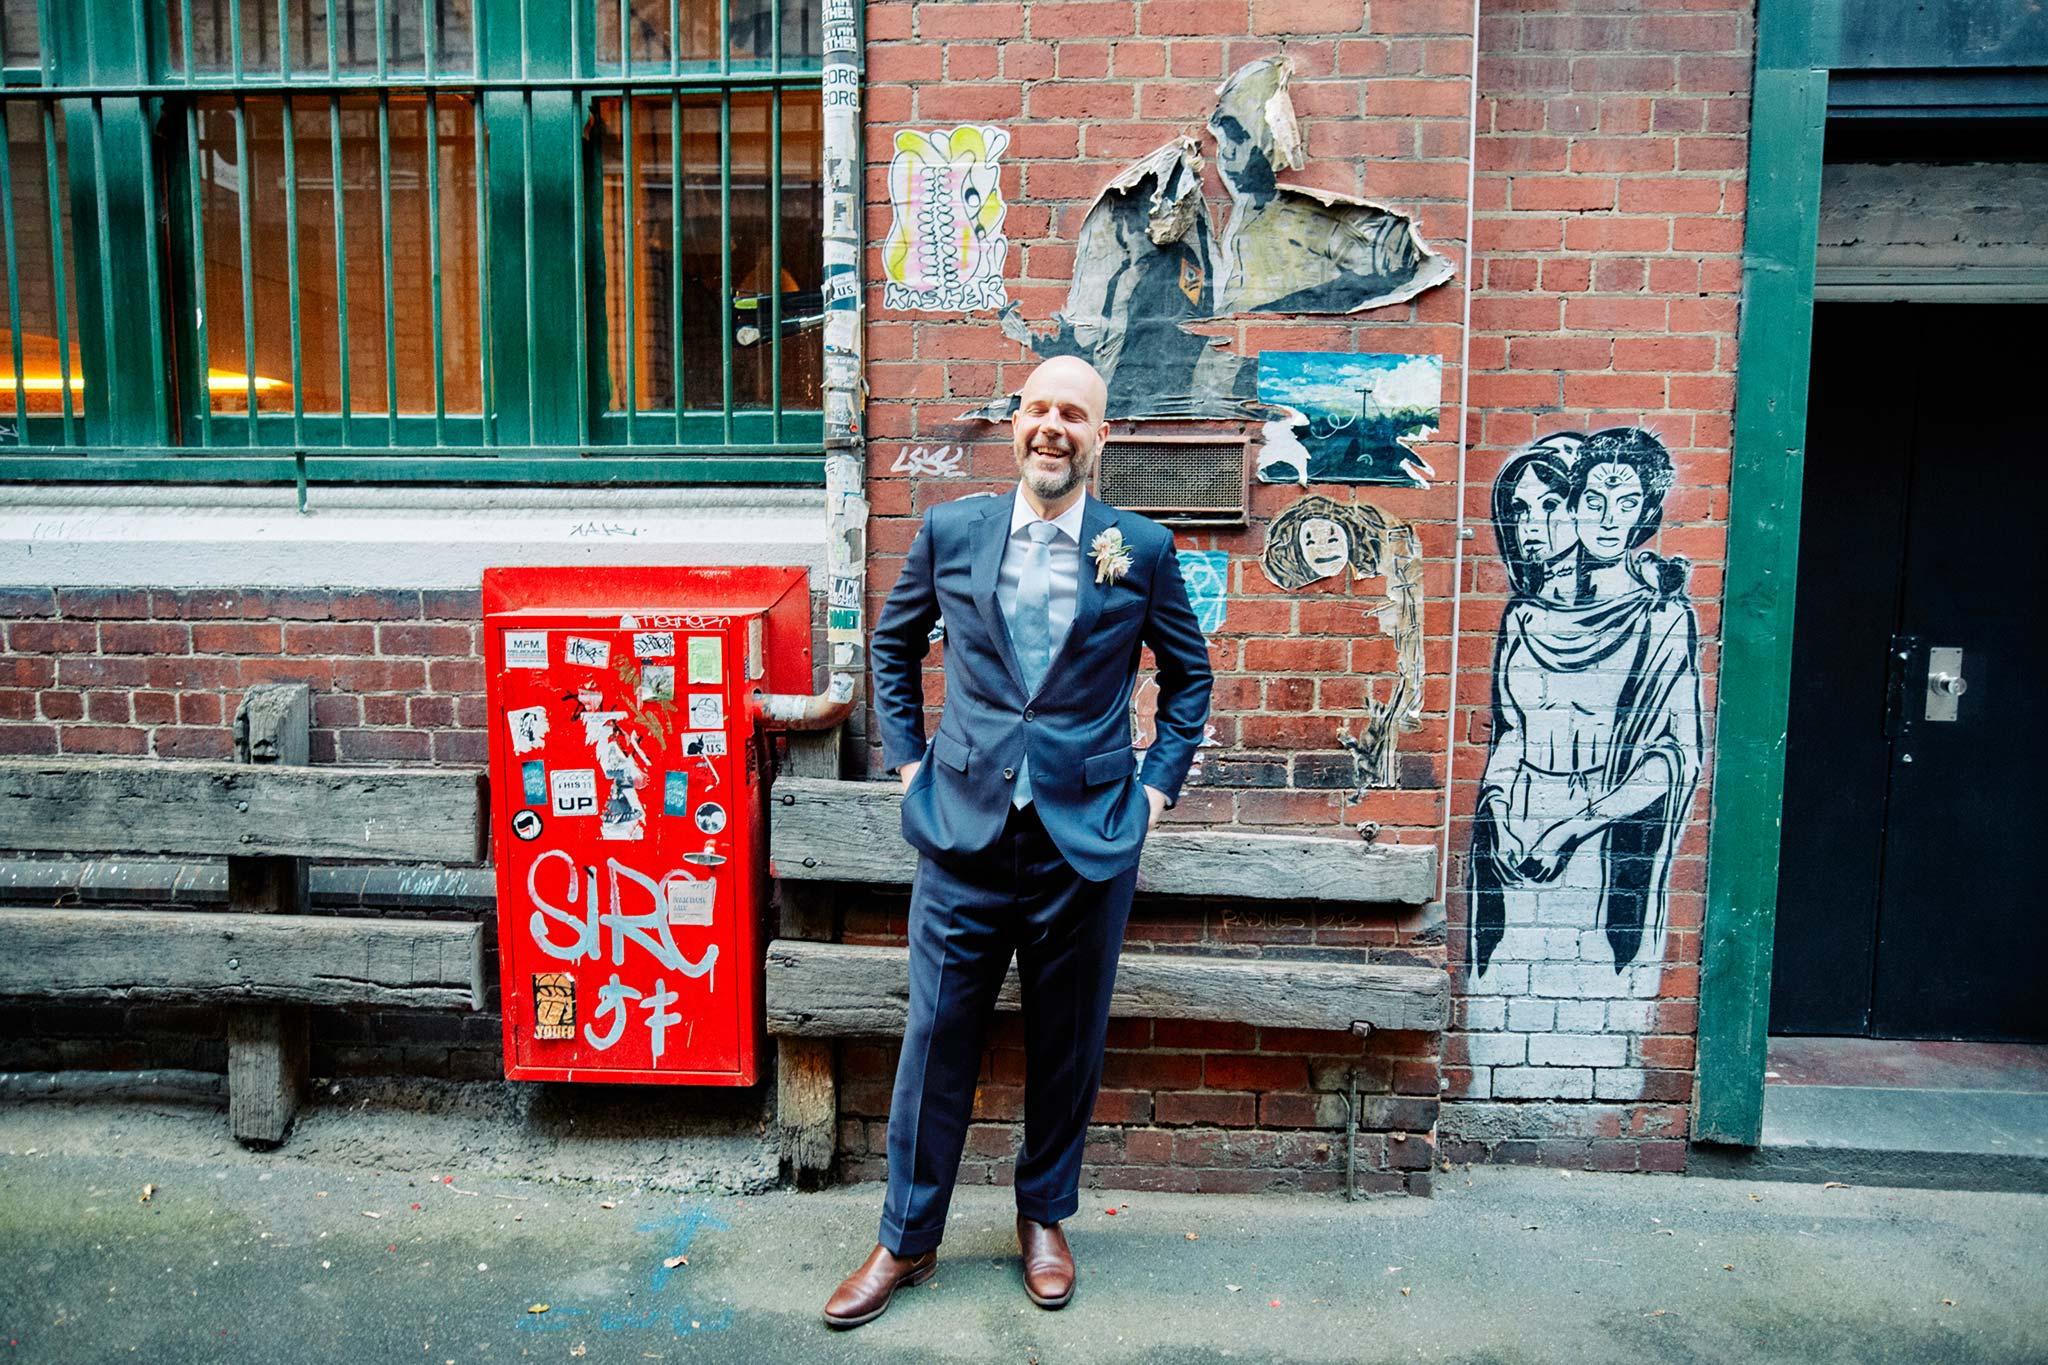 Melbourne Wedding Hardware Lane alley portrait groom smiling